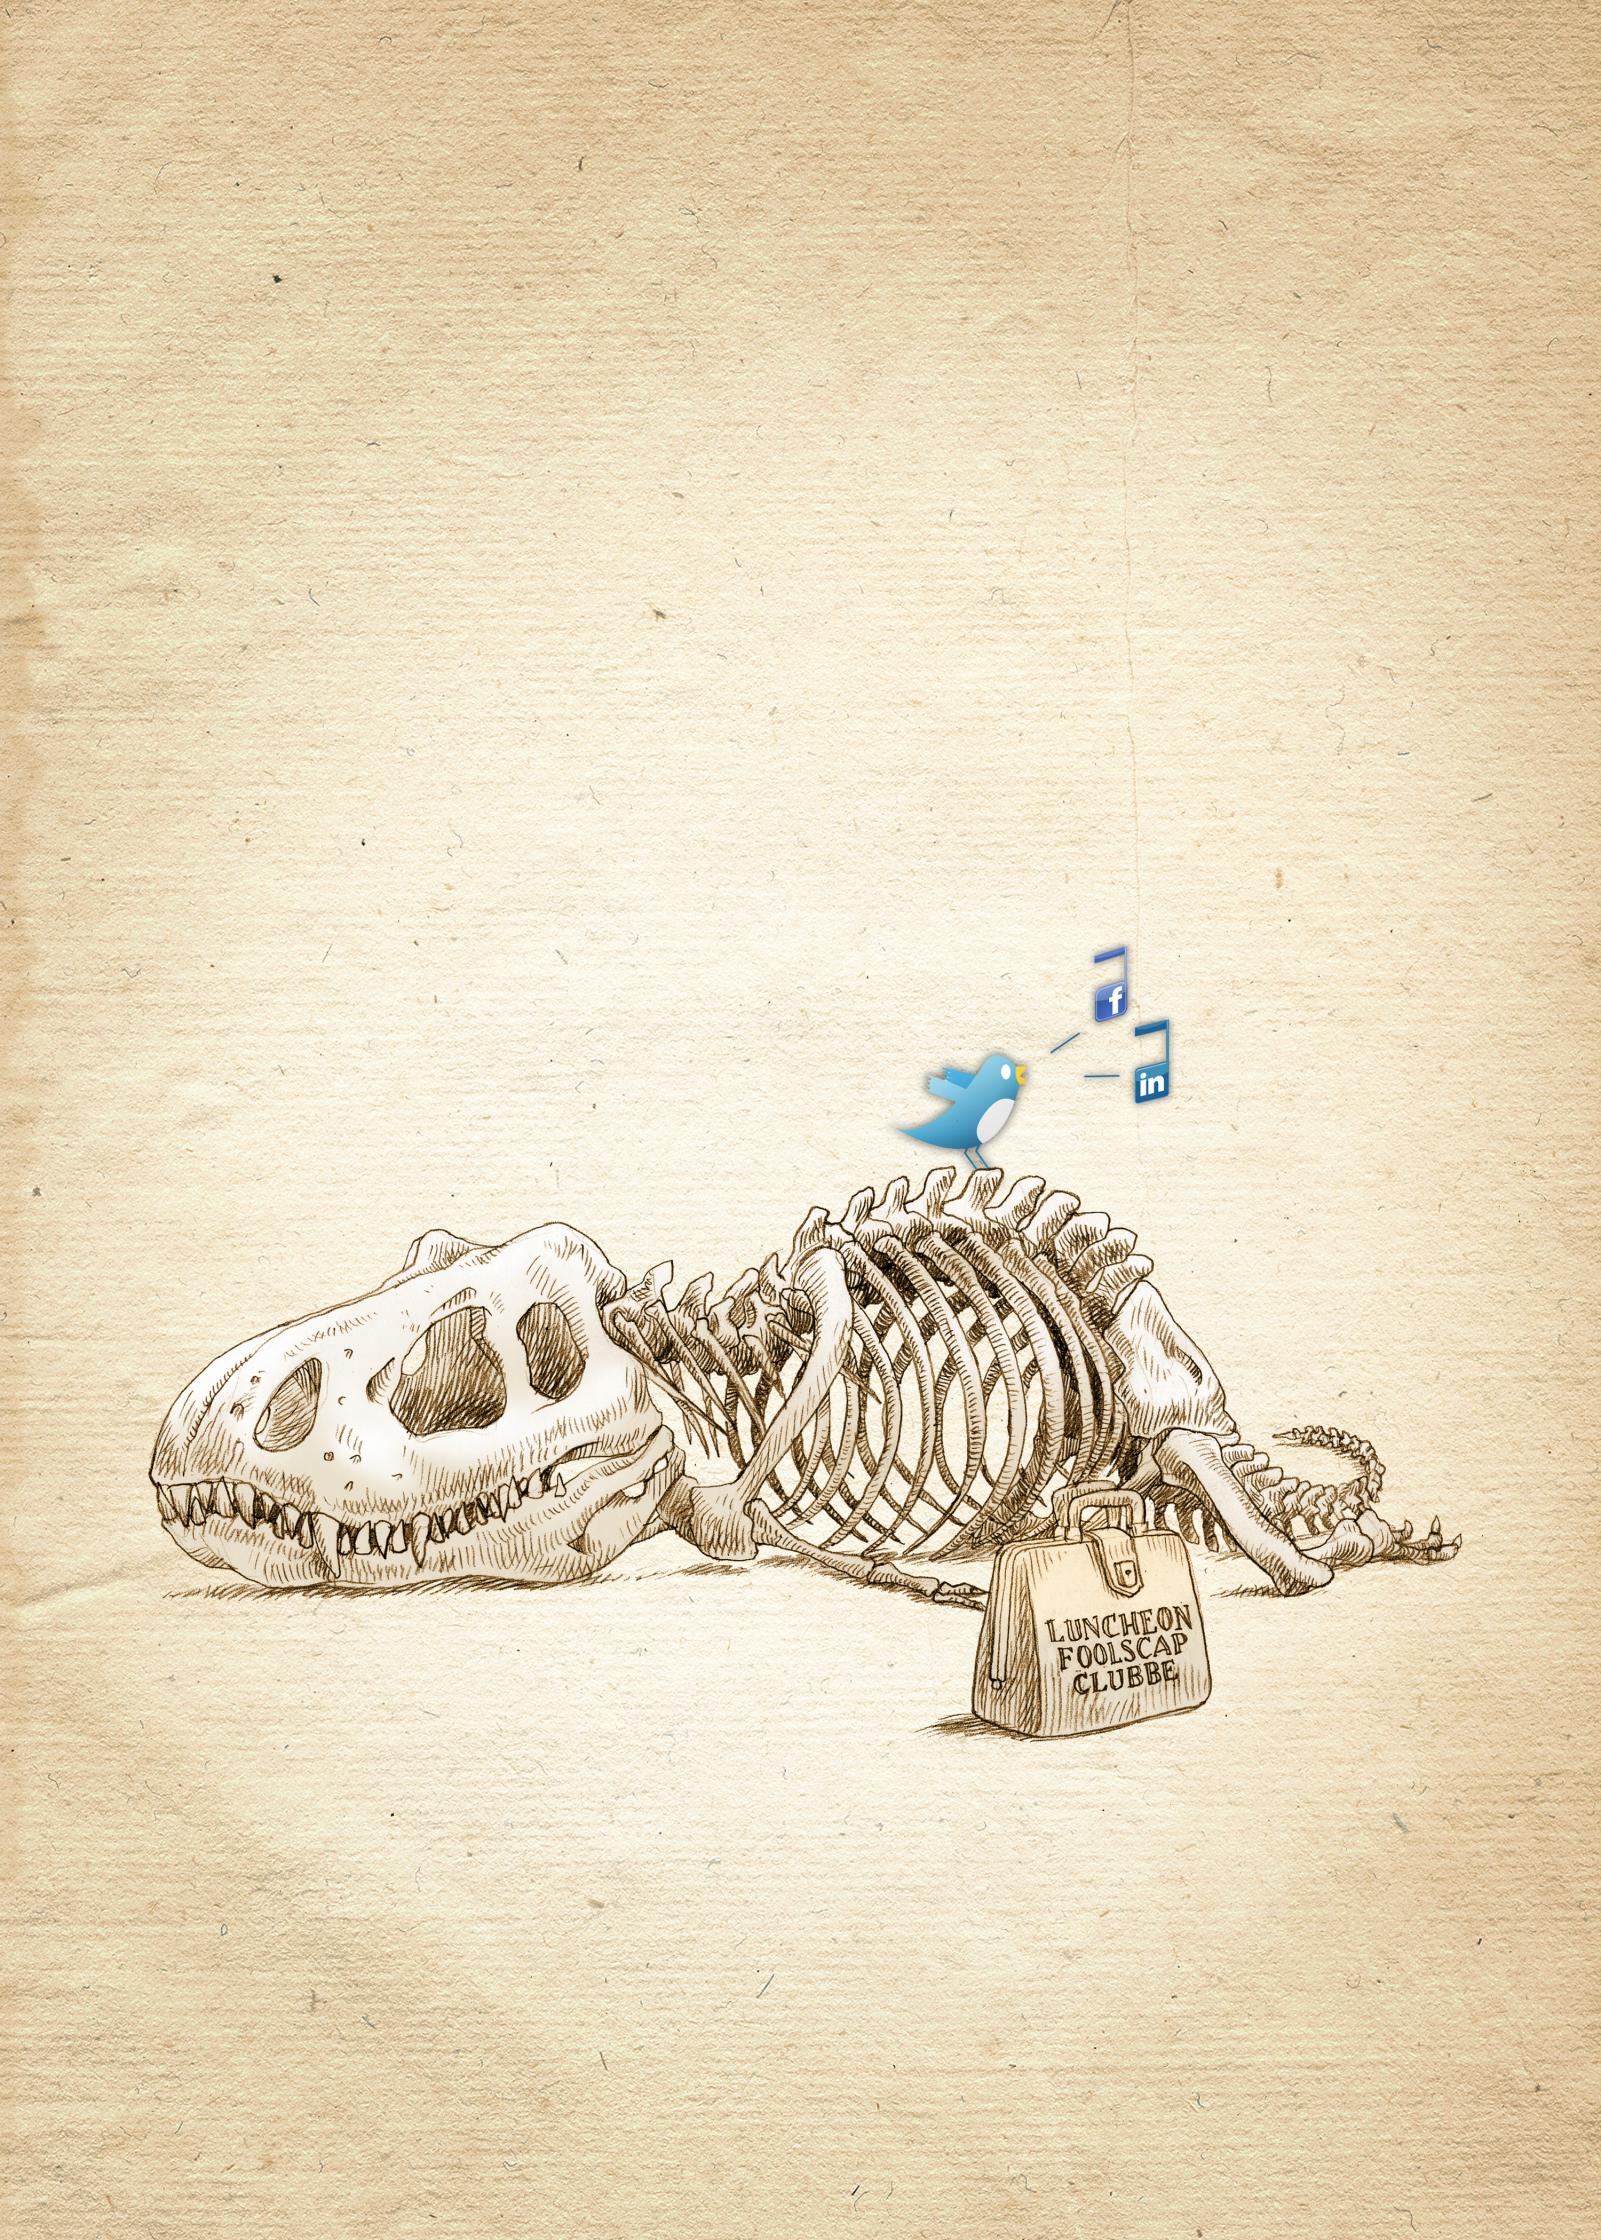 Dinosaur Twitter Social Media